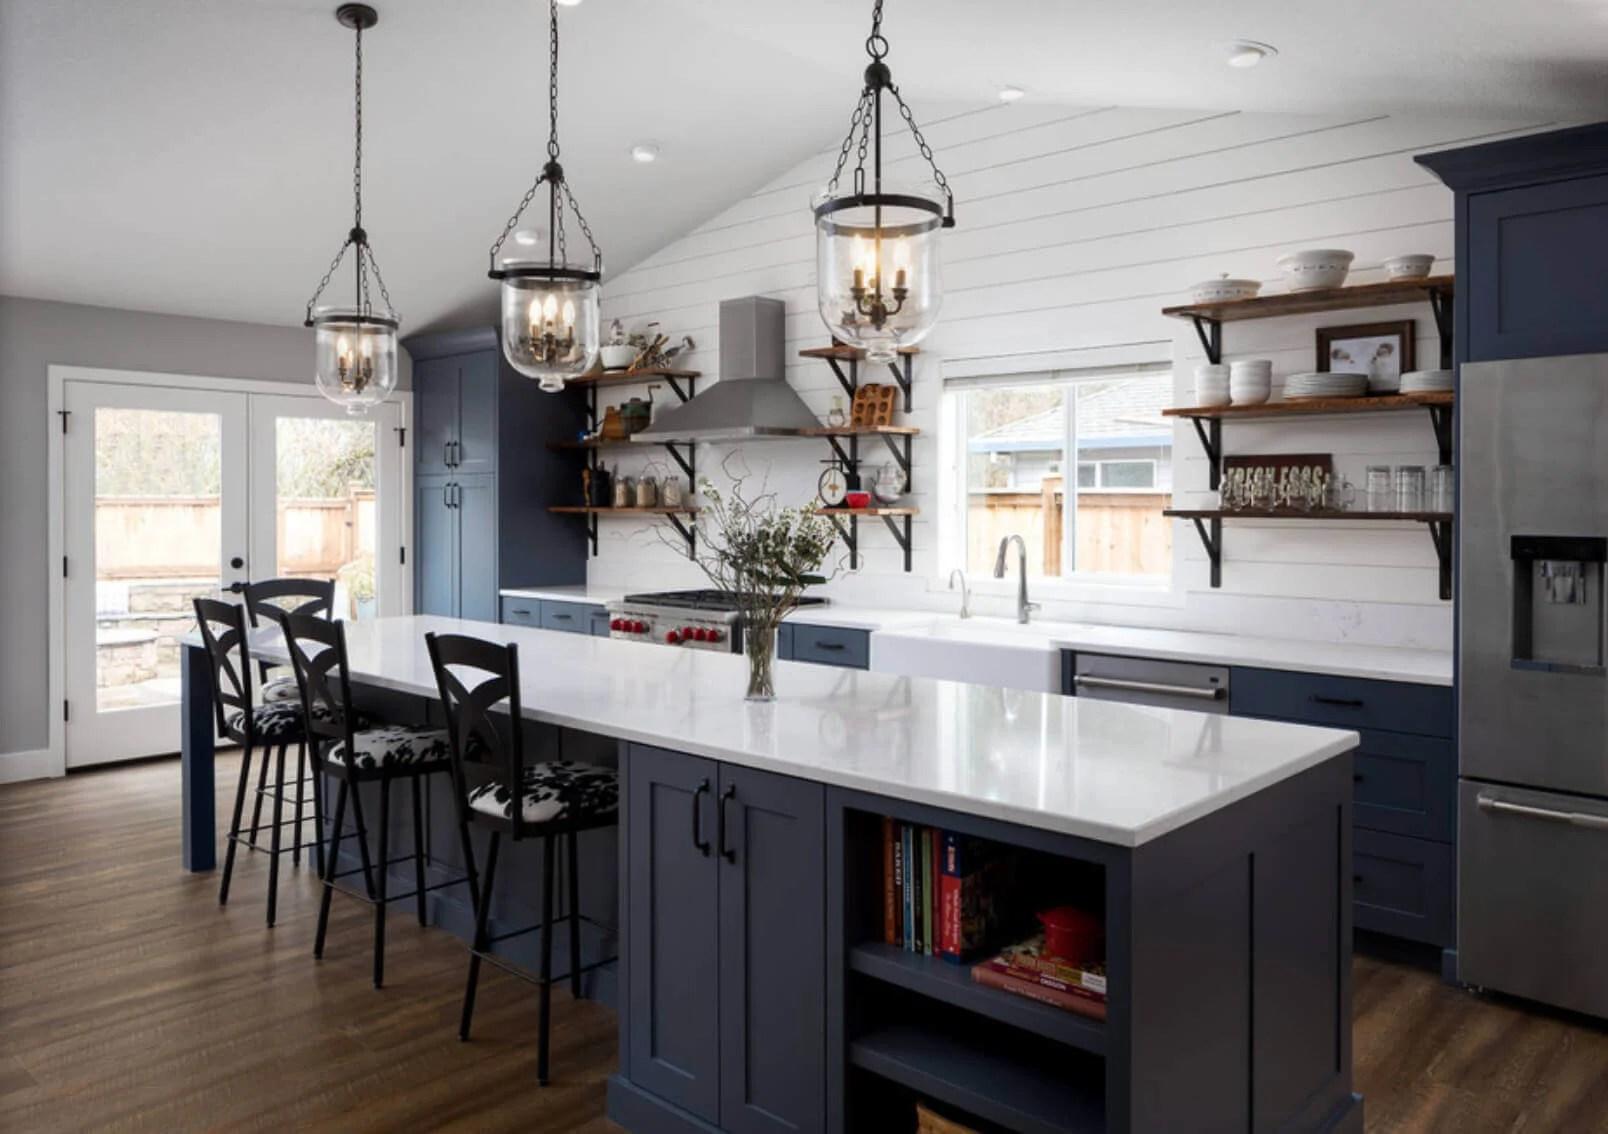 30+ Distinct Ideas To Modernize Your Farmhouse Kitchen ... on Rustic:1Gdhjdx6F3G= Farmhouse Kitchen  id=97374